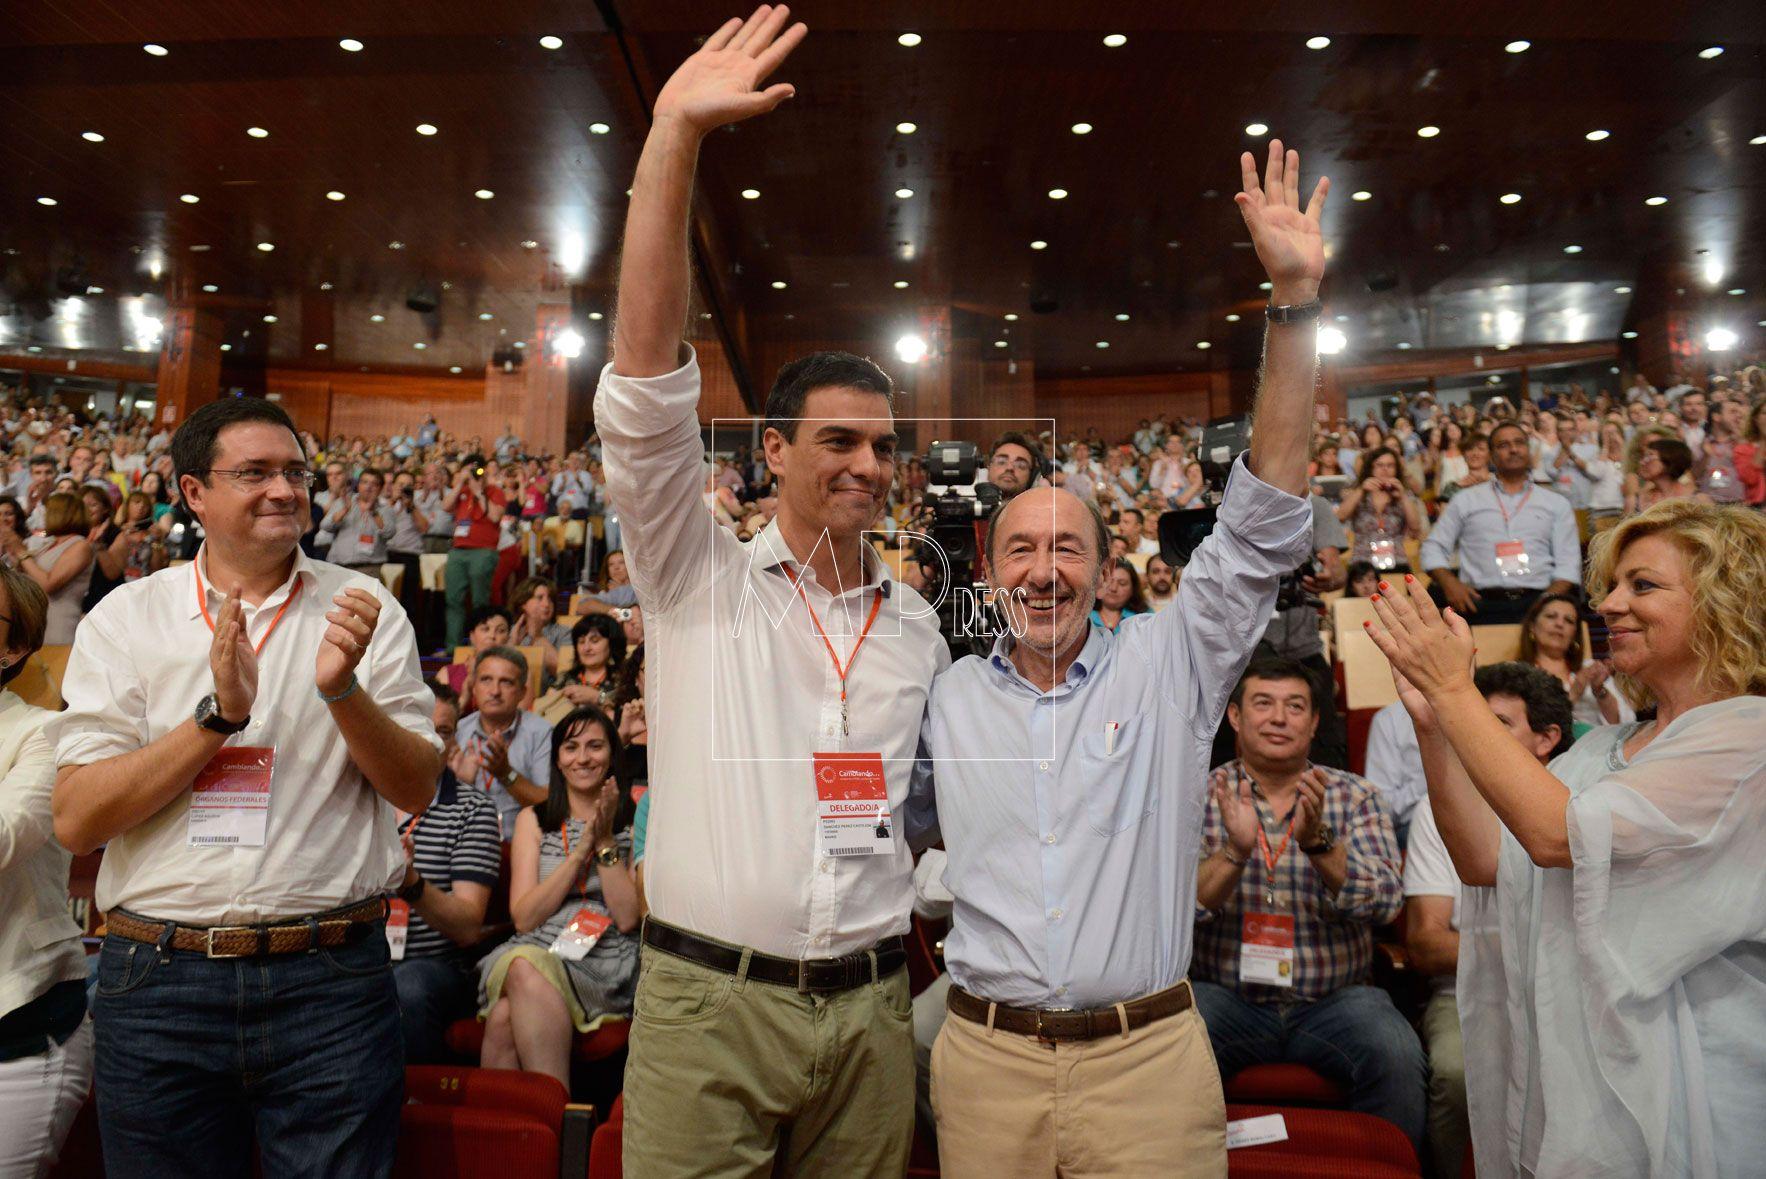 El Candidato del PSOE, Pedro Sanchez y Alfredo Perez Rubalcaba, saluda durante el Congreso extraordinario del PSOE